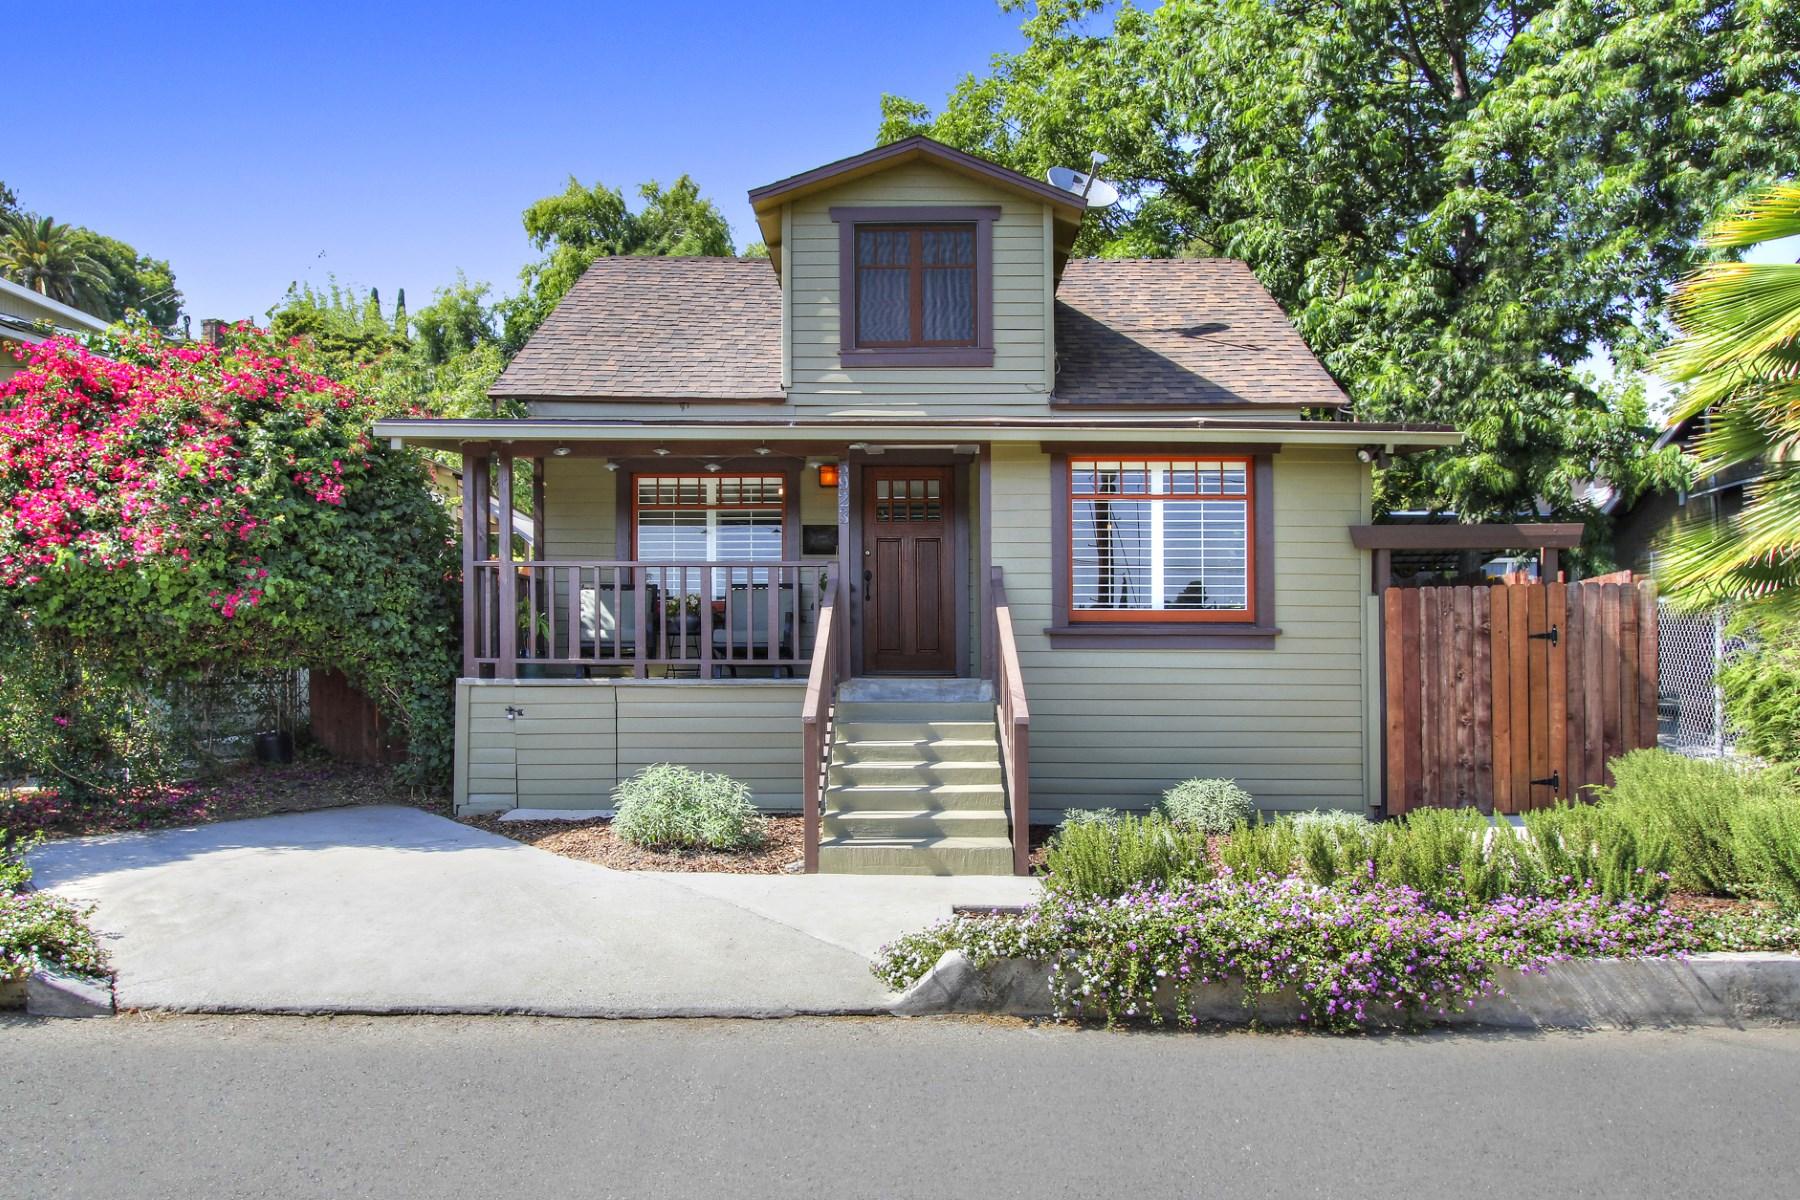 Частный односемейный дом для того Продажа на 5923 Weaver Lane Highland Park, Los Angeles, Калифорния, 90042 Соединенные Штаты